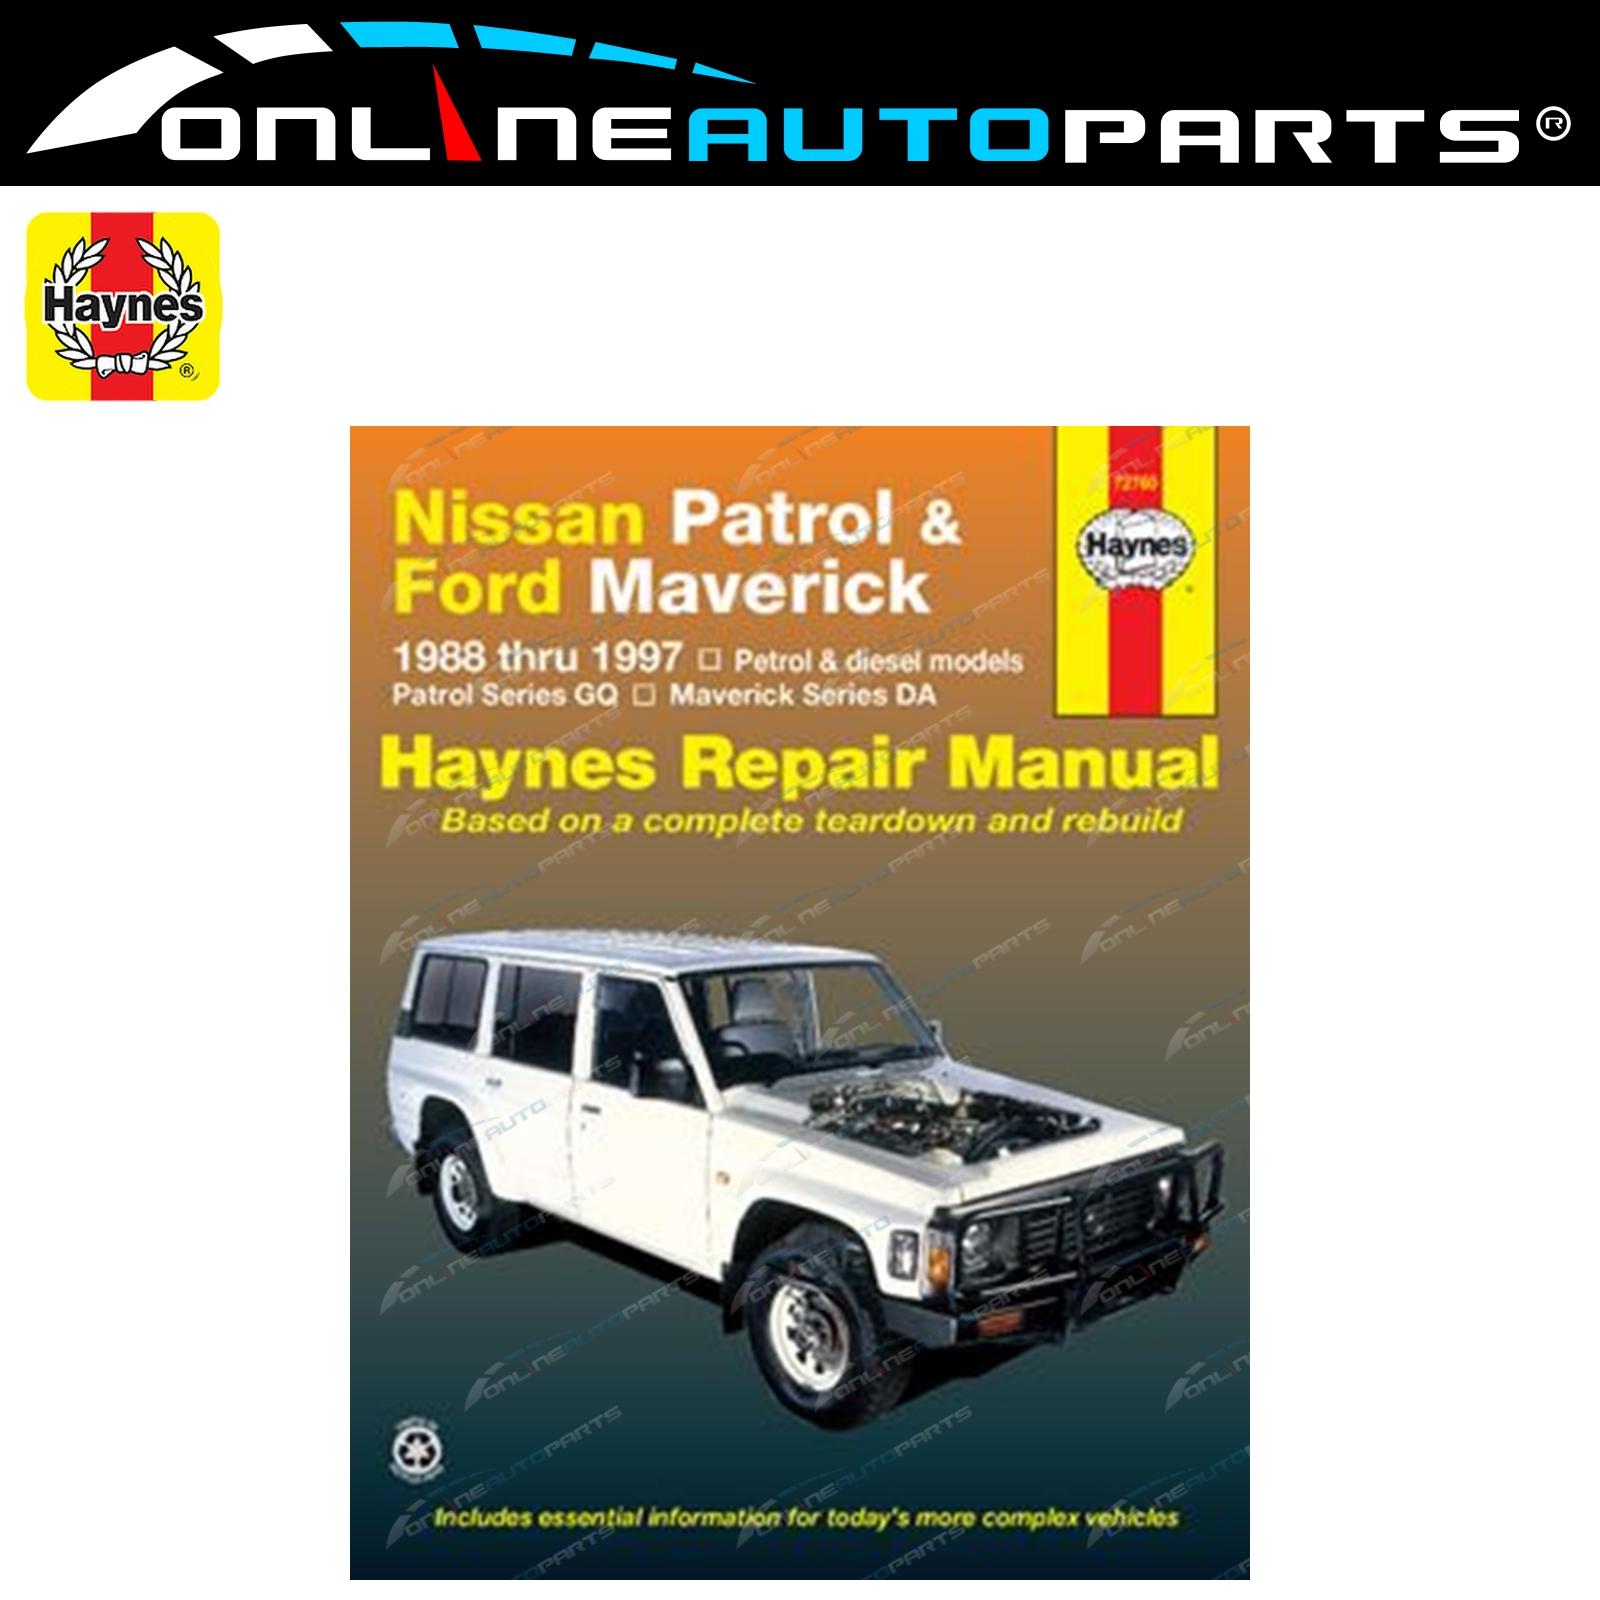 Haynes Car Repair Manual Book for Nissan Patrol GQ GR Y60 Petrol + Diesel  Engine